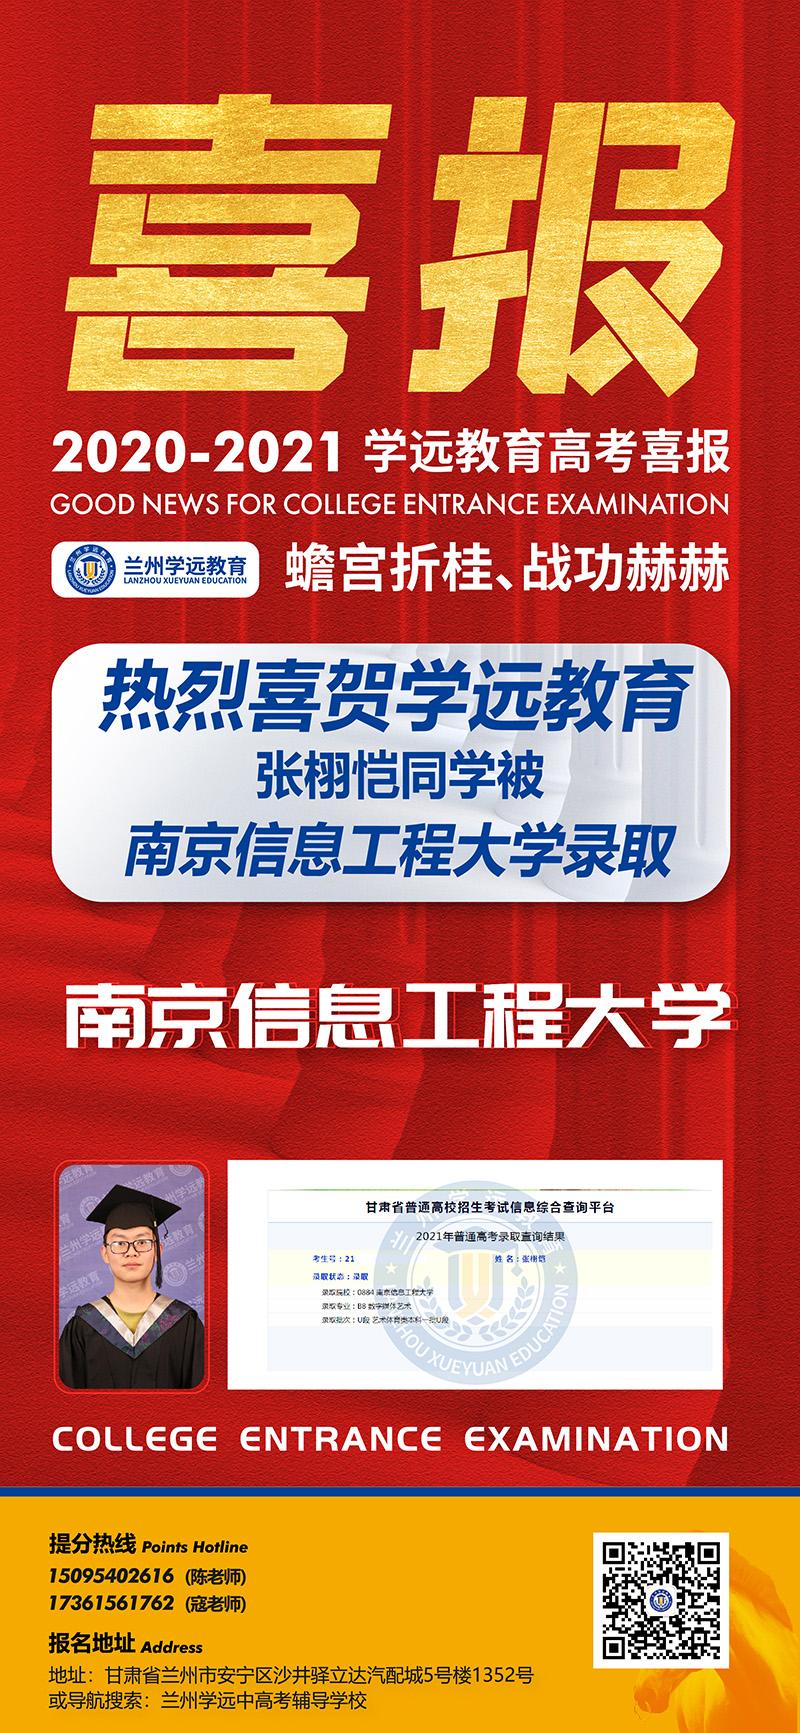 张栩恺同学被南京信息工程大学录取